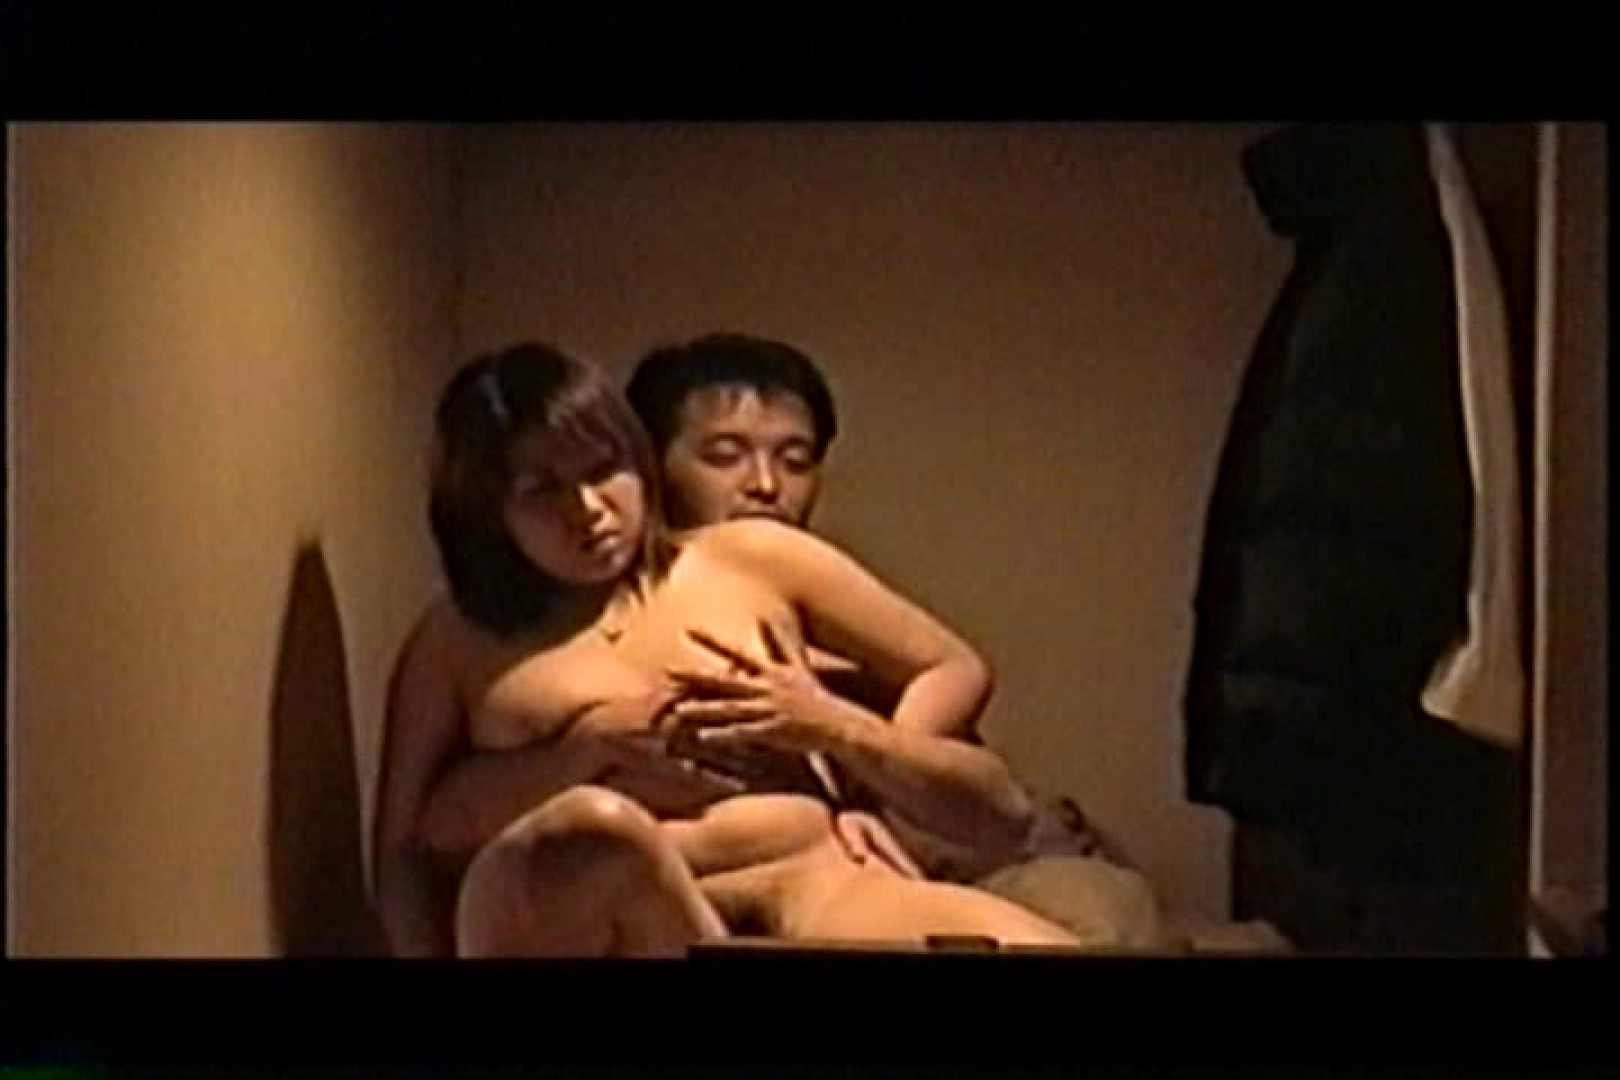 デリ嬢マル秘撮り本物投稿版② 乳首  60pic 22